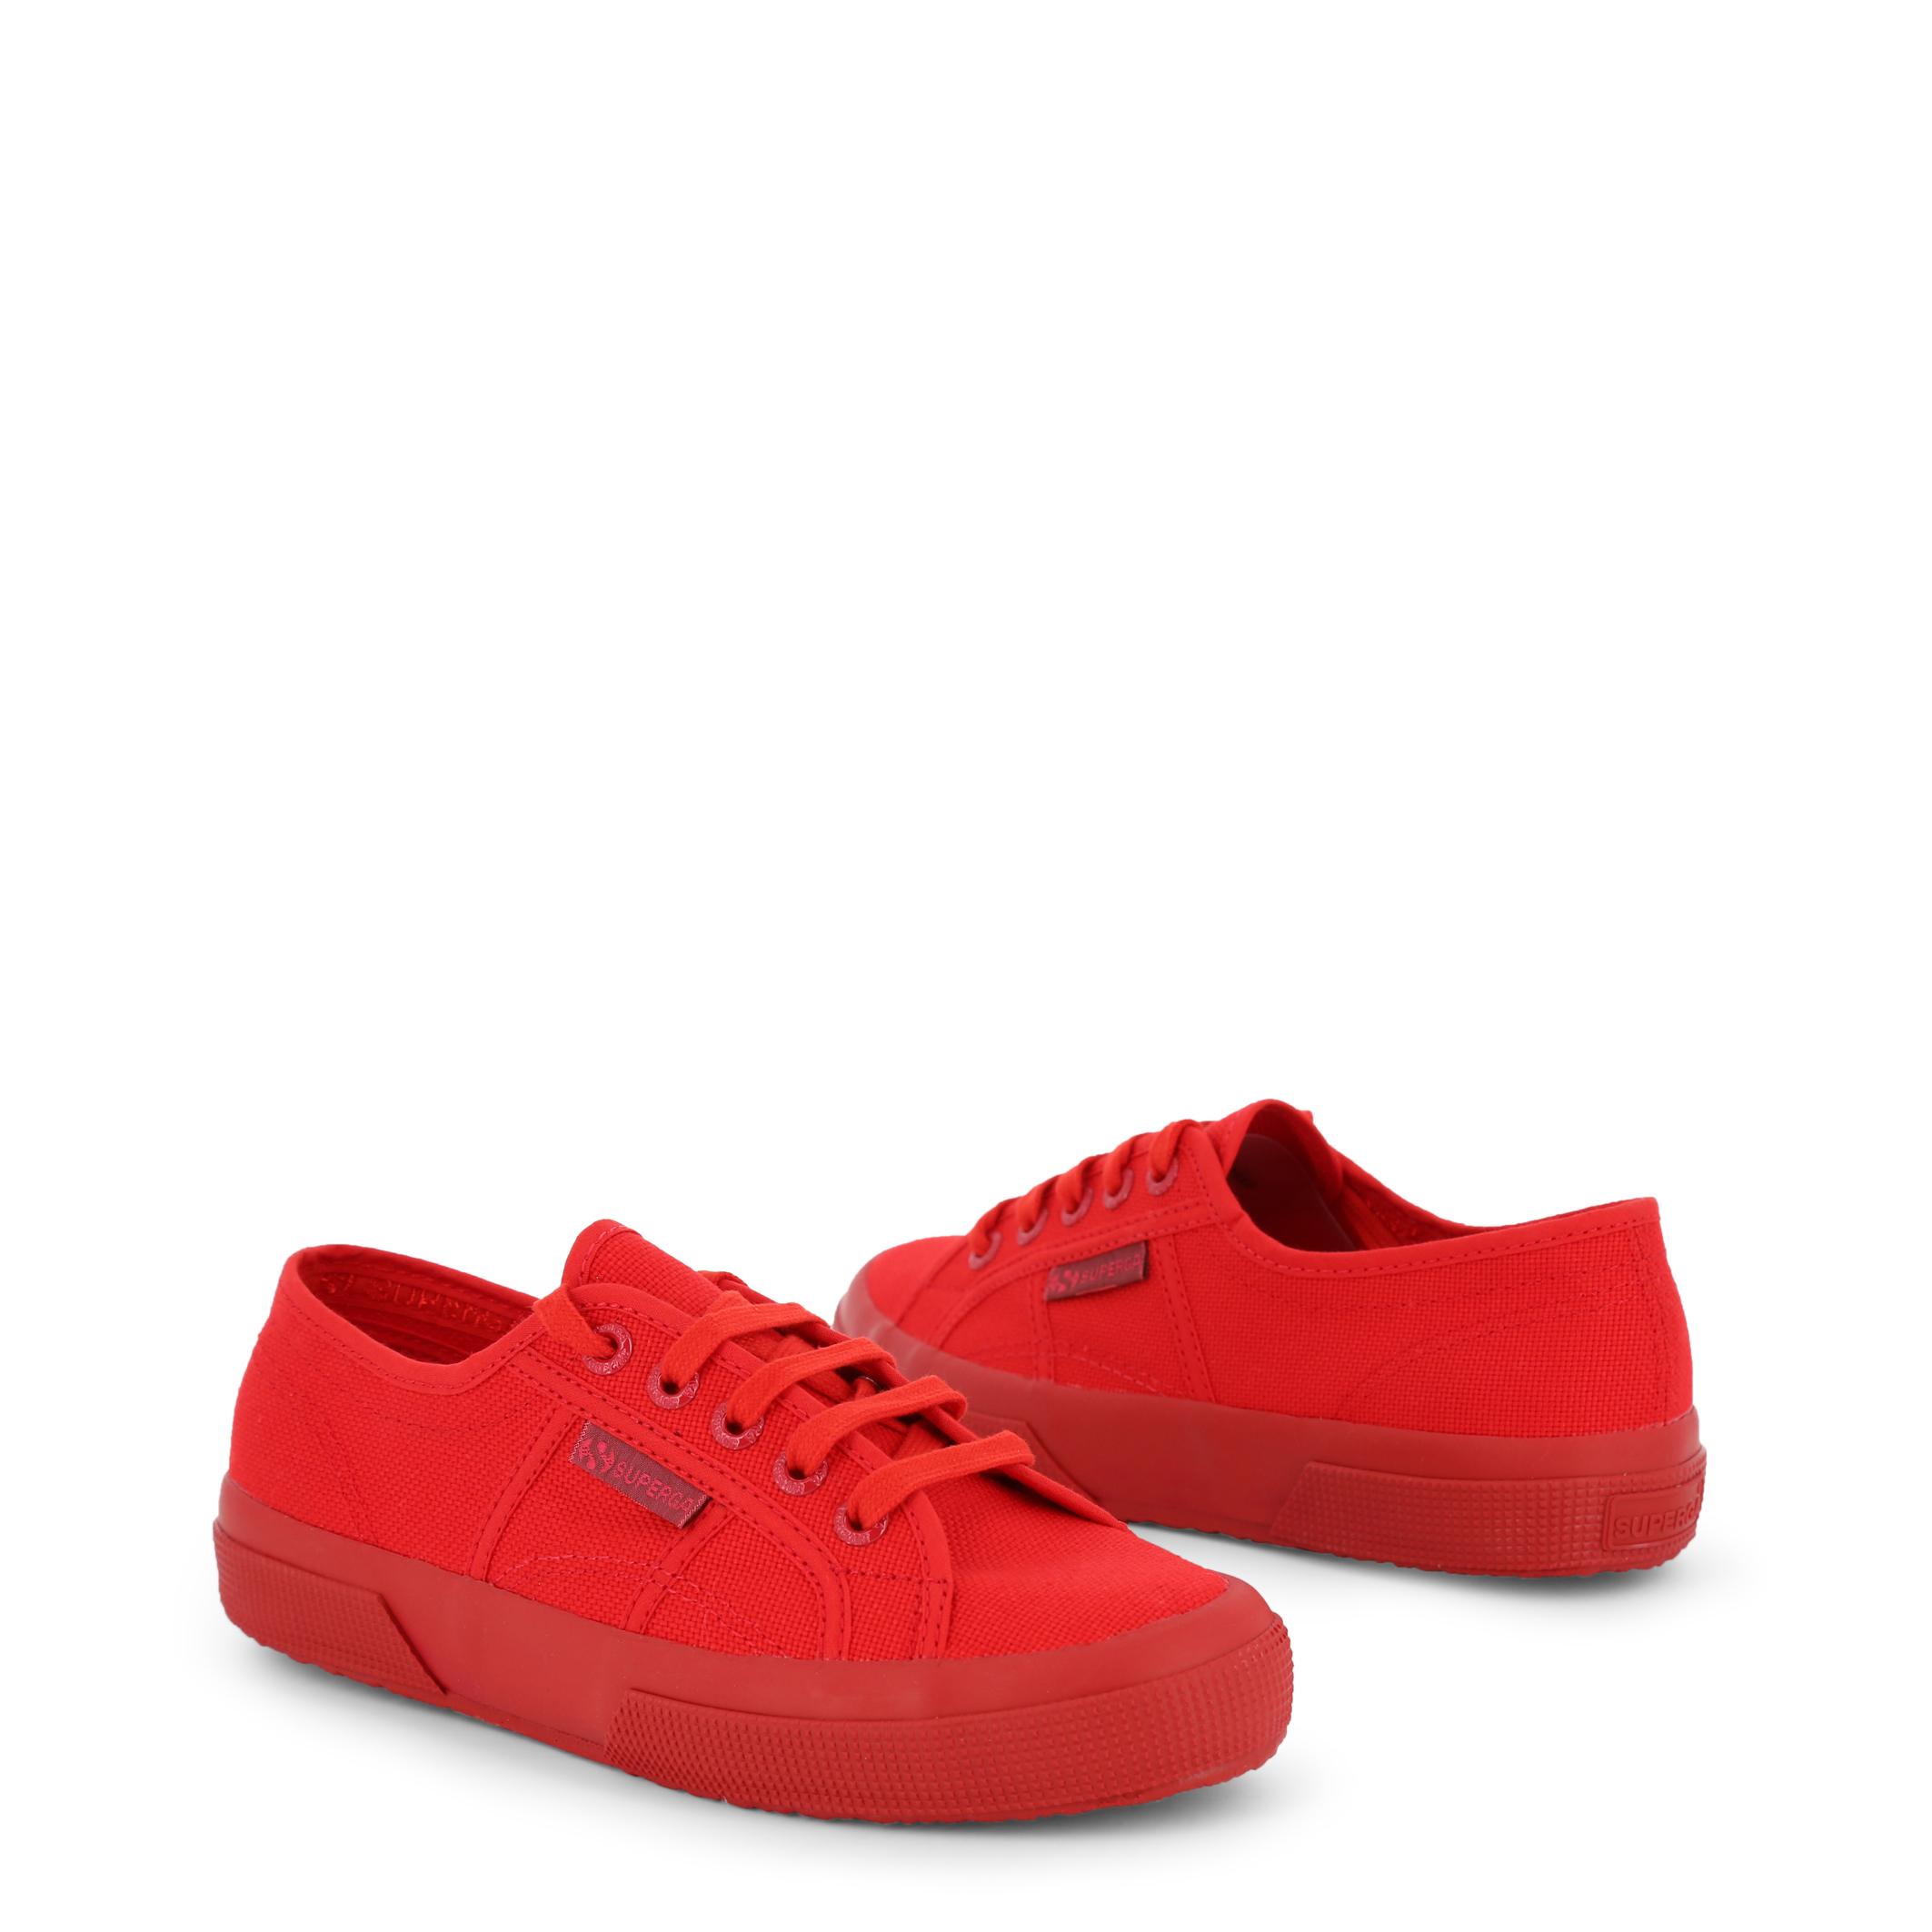 Chaussures de ville  Superga 2750-COTU-CLASSIC red